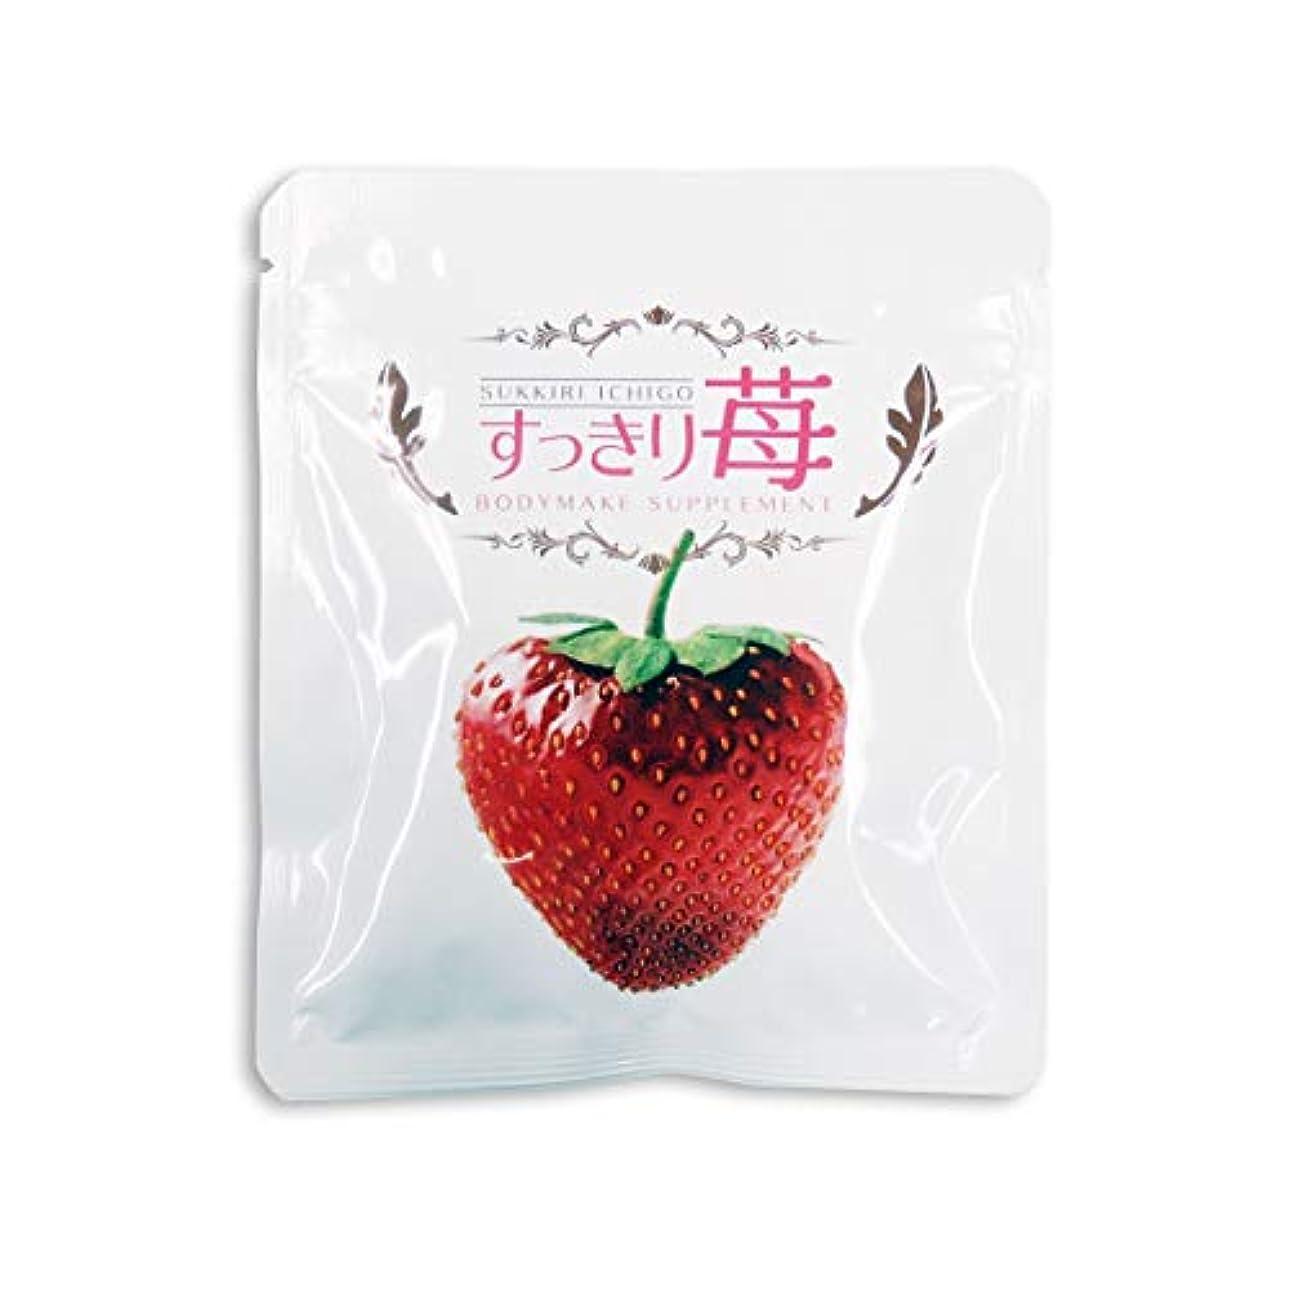 村気絶させる寓話すっきり苺 ダイエタリーサプリメント